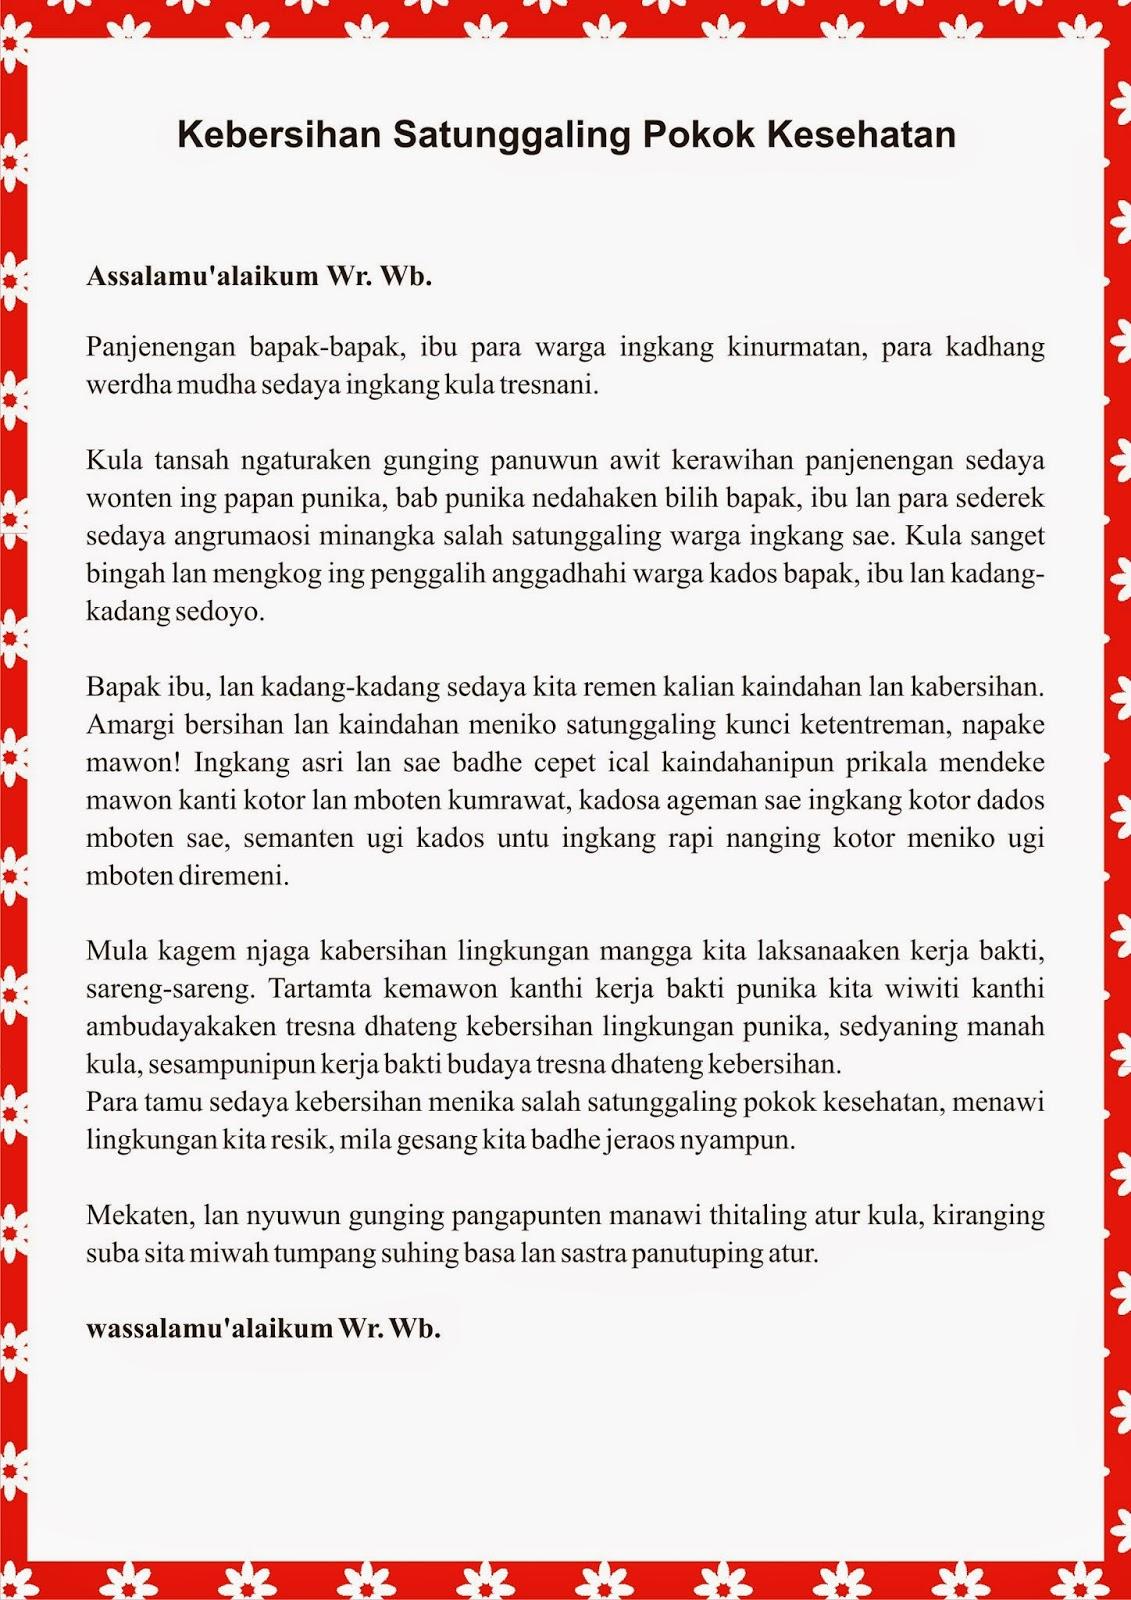 Contoh Pengalaman Bahasa Jawa Kumpulan Contoh Cerkak Bahasa Jawa Terbaru 2015 Contoh Lain Pidato Bahasa Jawa Dengan Tema Kebersihan